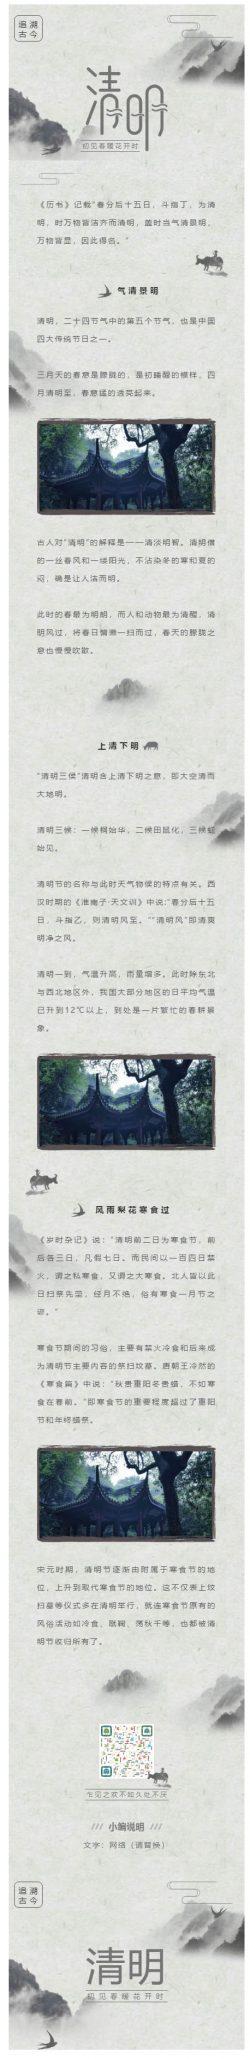 清明节二十四节气中国传统节日中国风水墨风格微信推送图文推文背景图